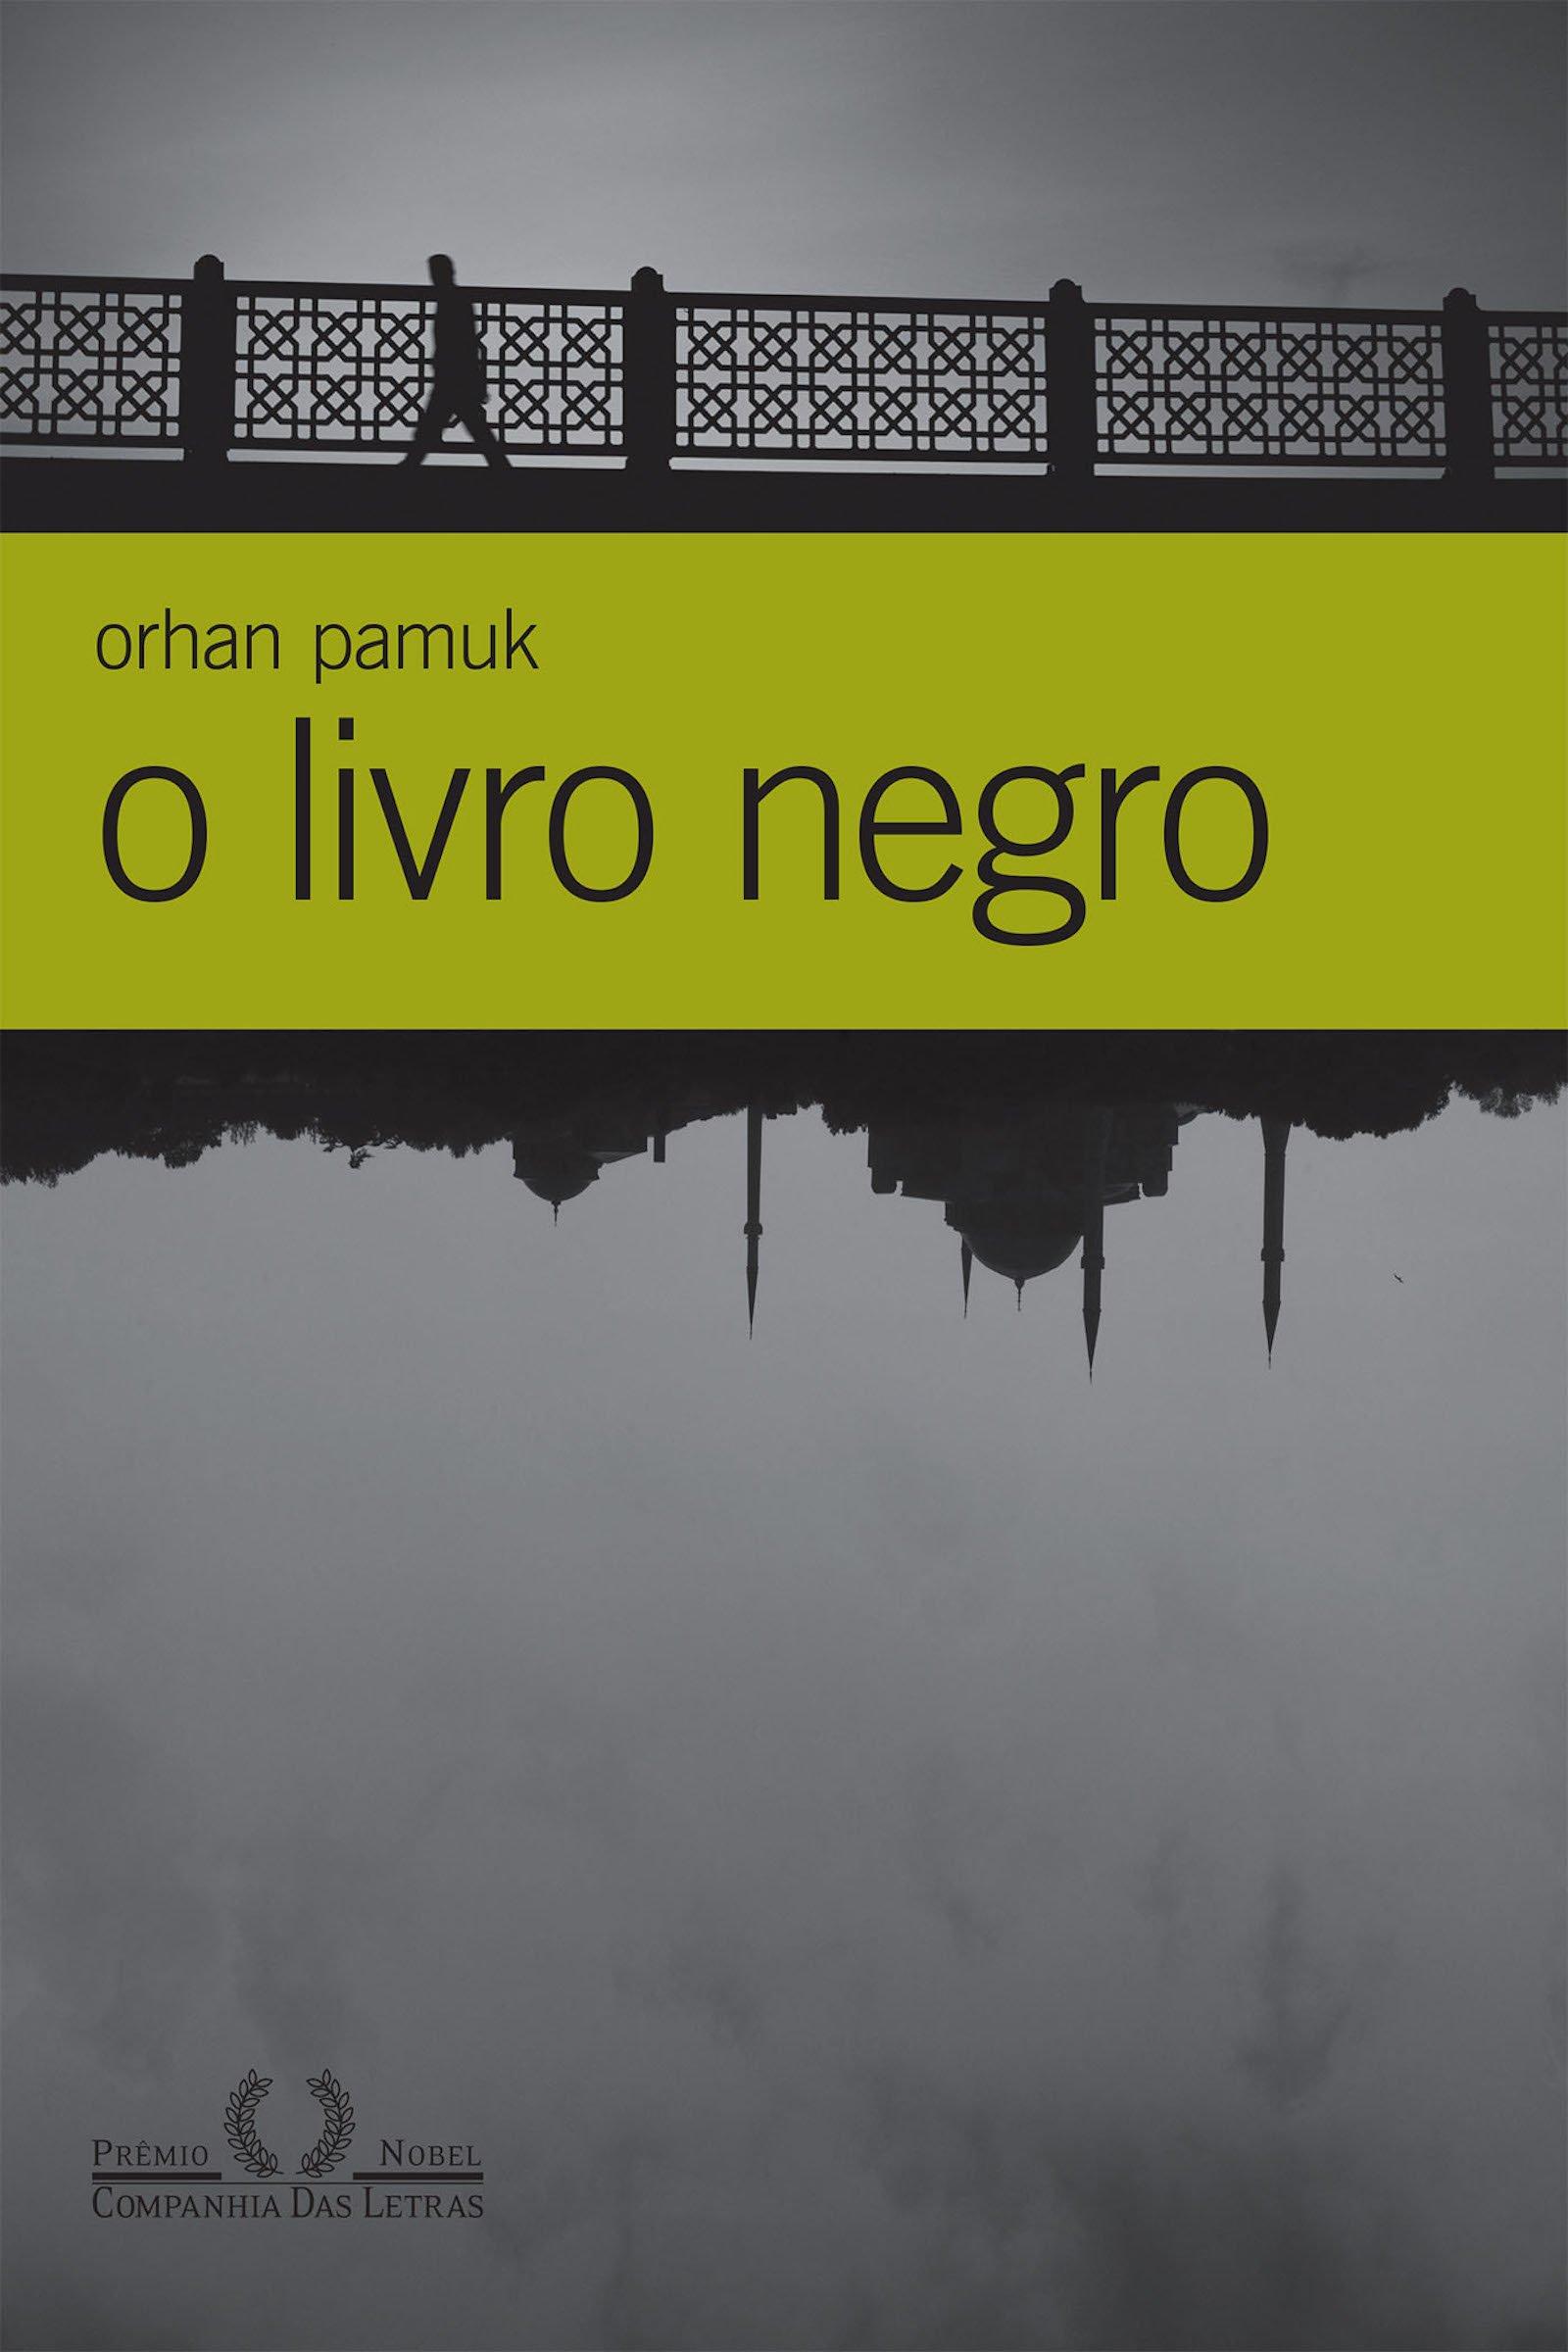 O livro negro